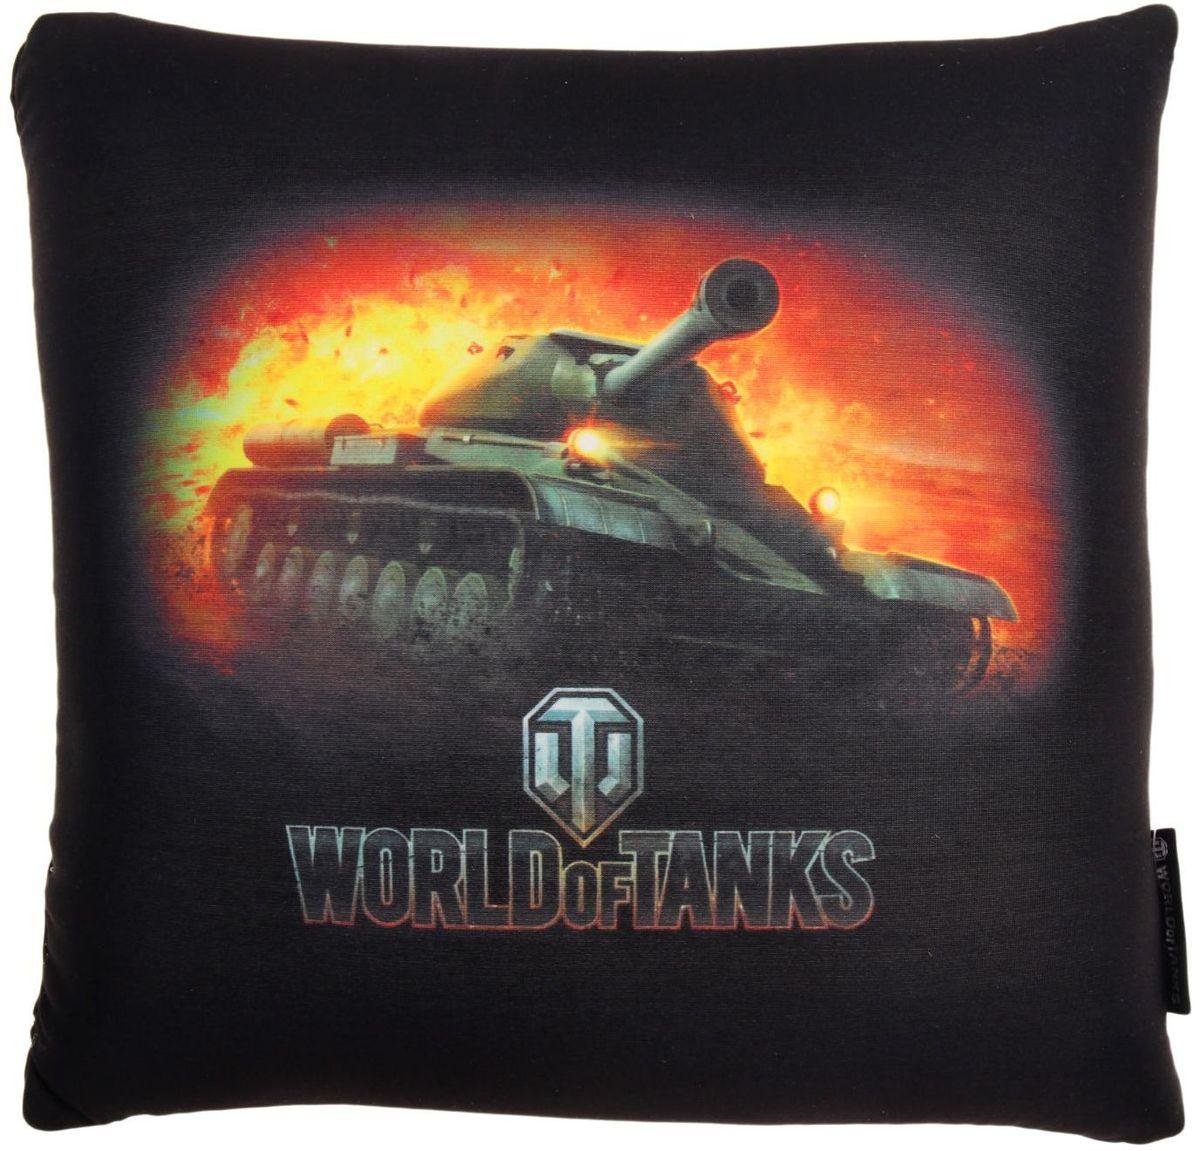 Maxitoys Подушка-игрушка World Of Tanks 15 см 2121438 подушки декоративные maxitoys декоративная подушка world of tanks